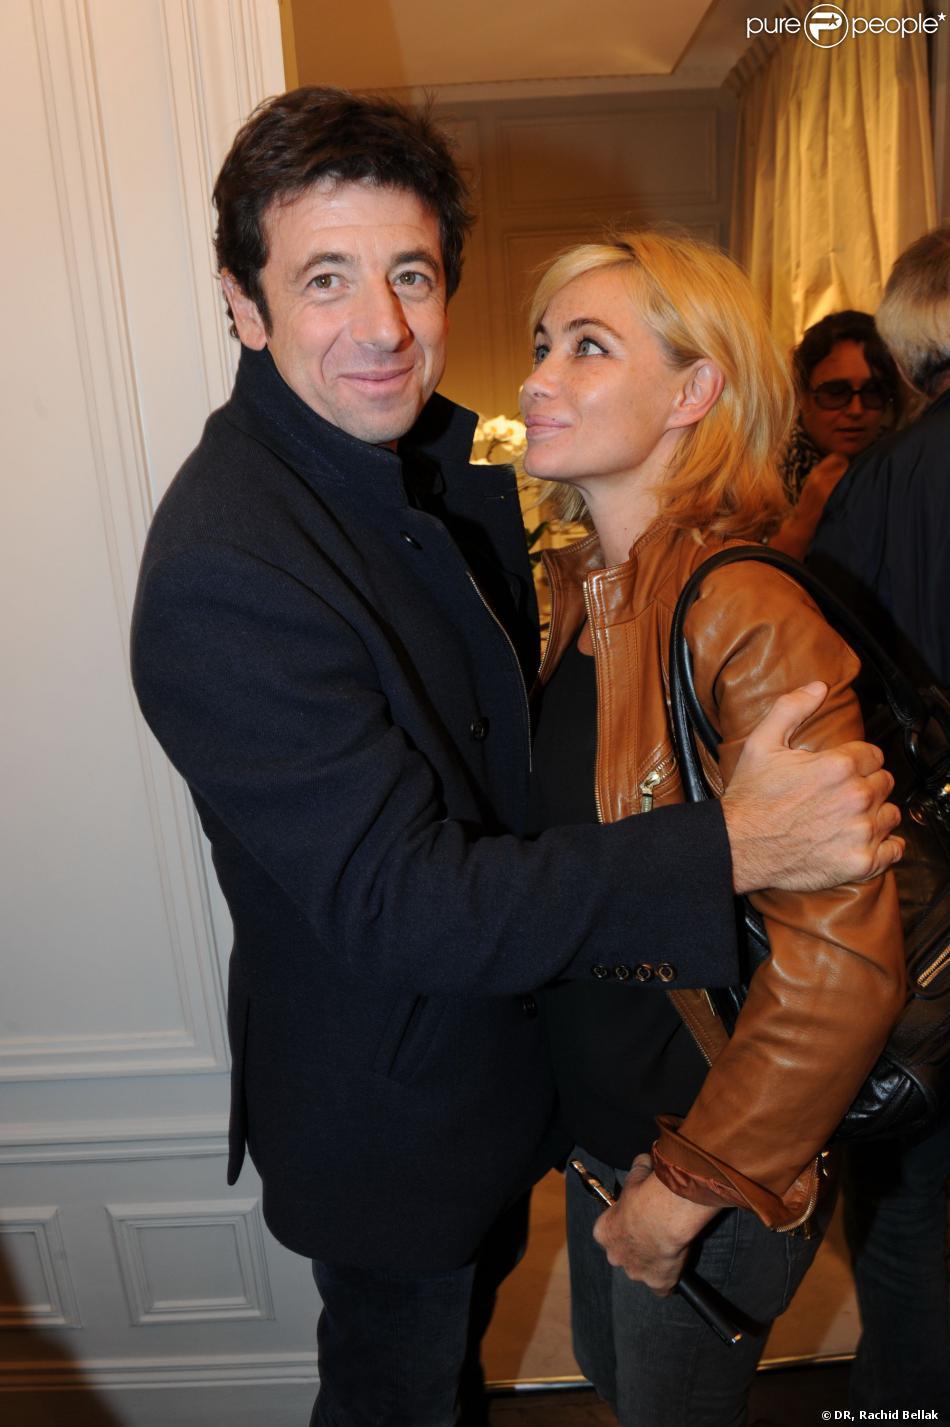 Patrick et Emmanuelle Béart à l'inauguration de la nouvelle boutique Milady, avenue Raymond Poincaré à Paris, le 18 septembre 2013.